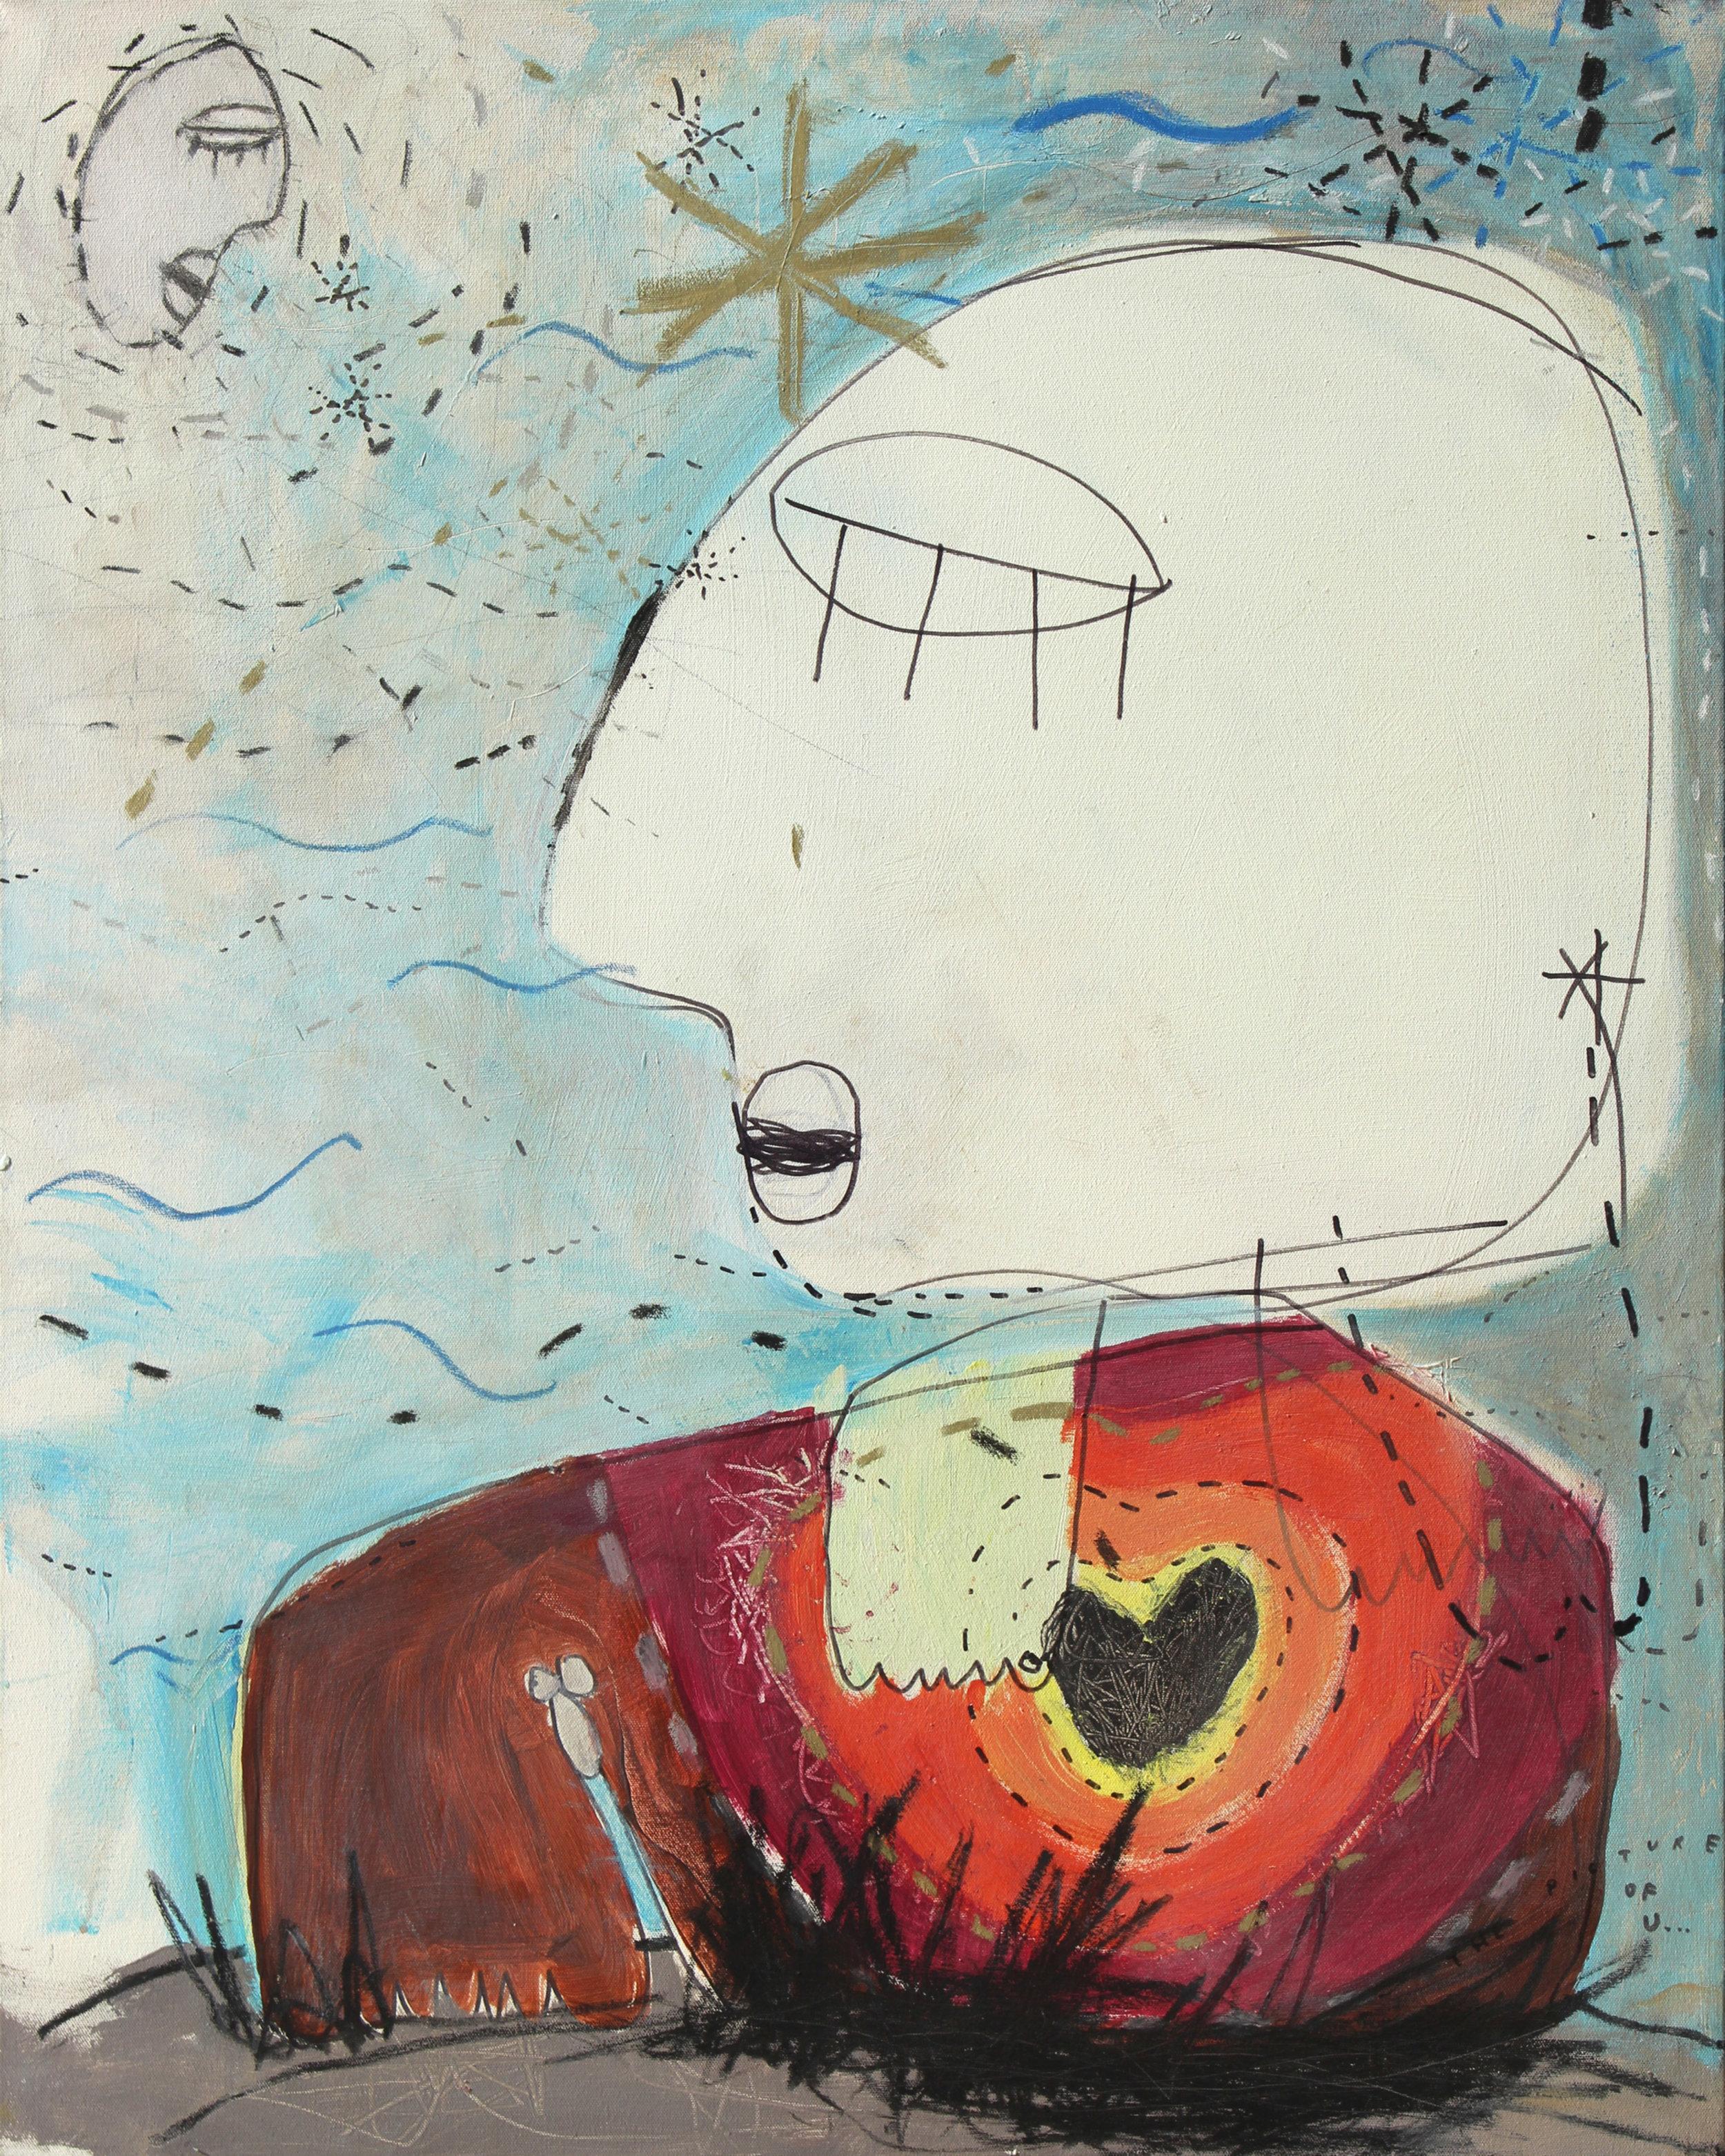 picture of u (2005) Acryl, Marker, Ölkreiden auf Leinwand 80 x 100 cm